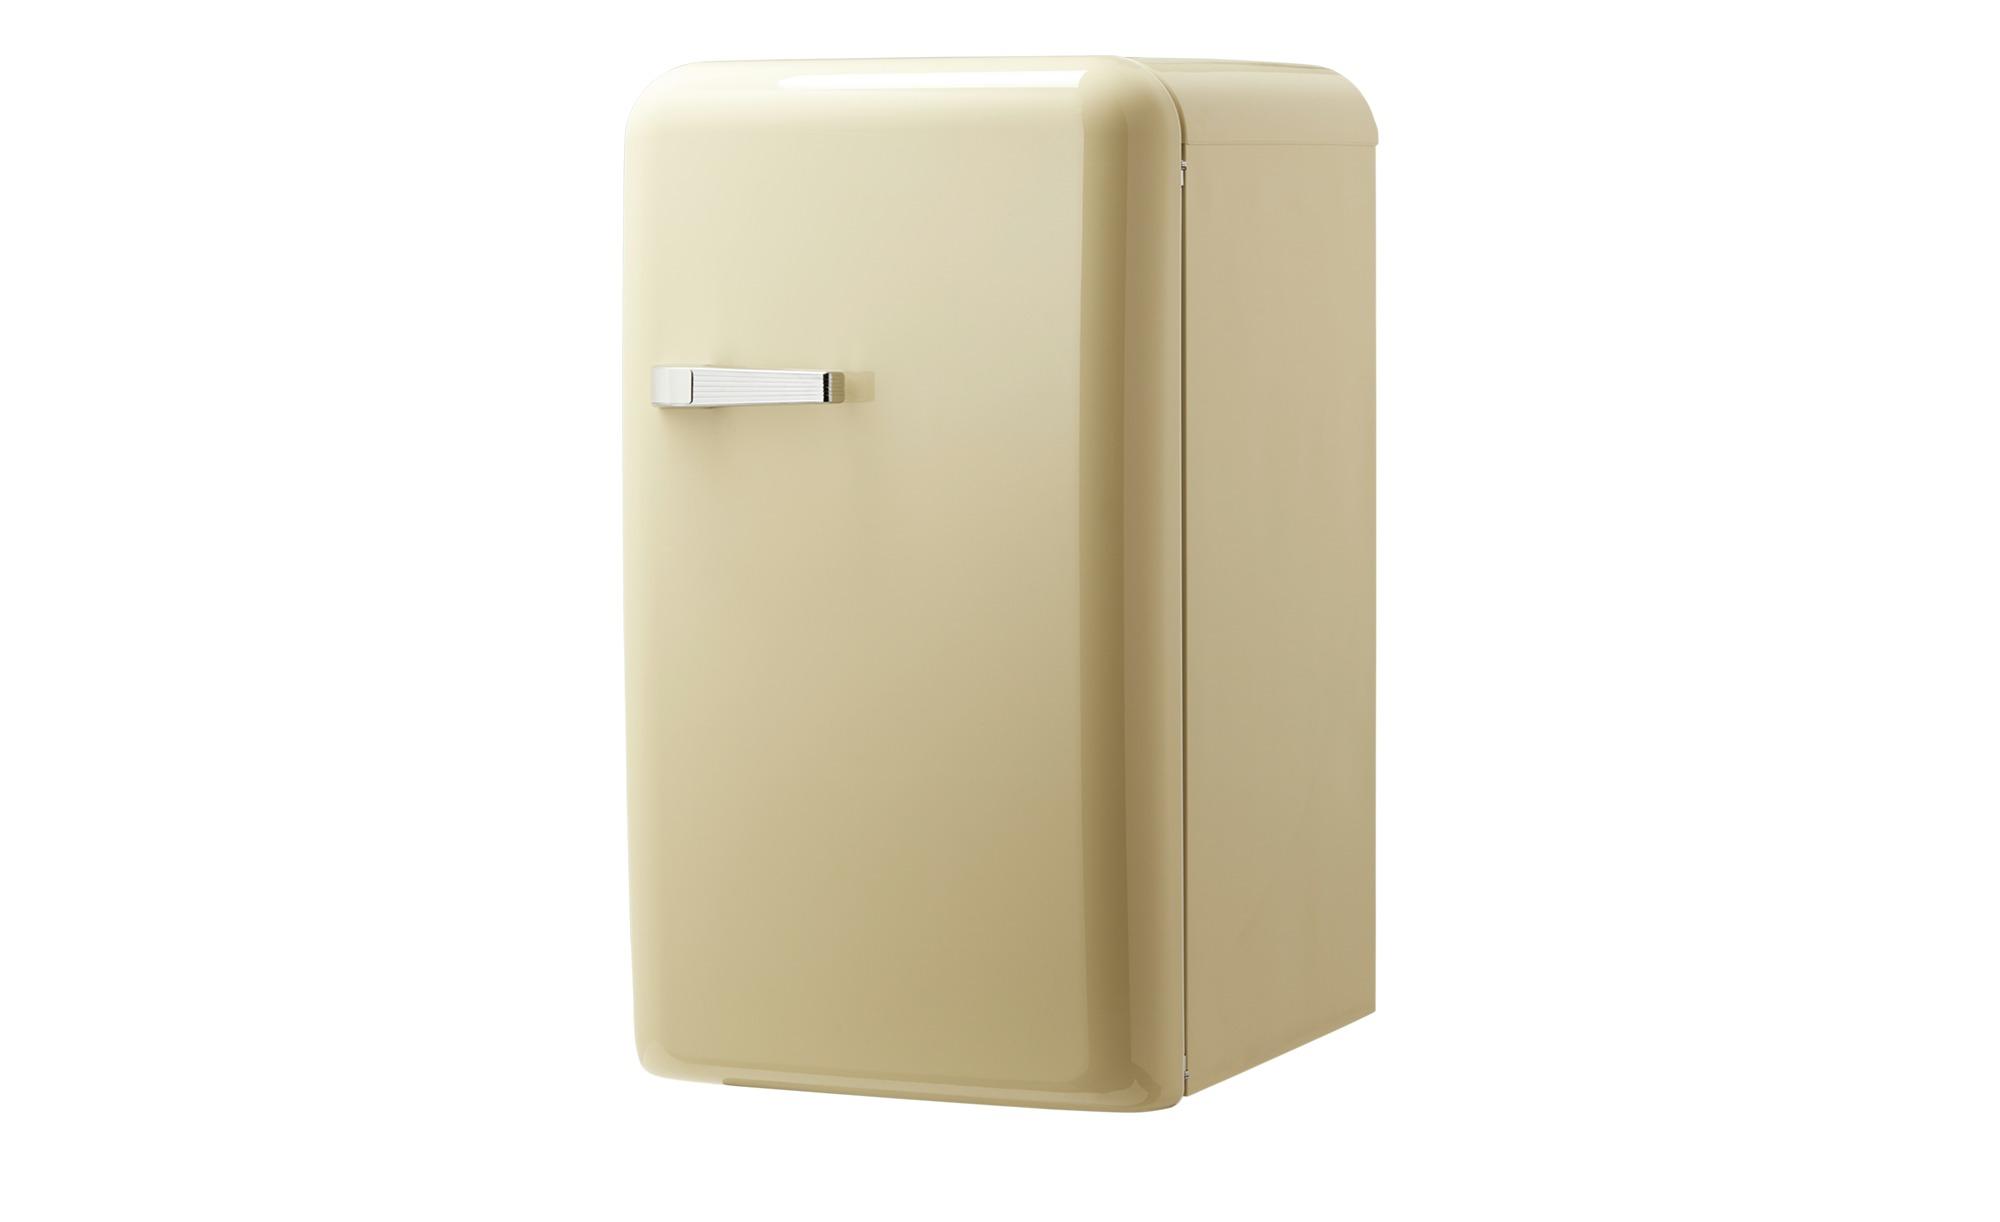 Aeg Kühlschrank Retro : Khg kühlschrank ksr mg c creme möbel höffner